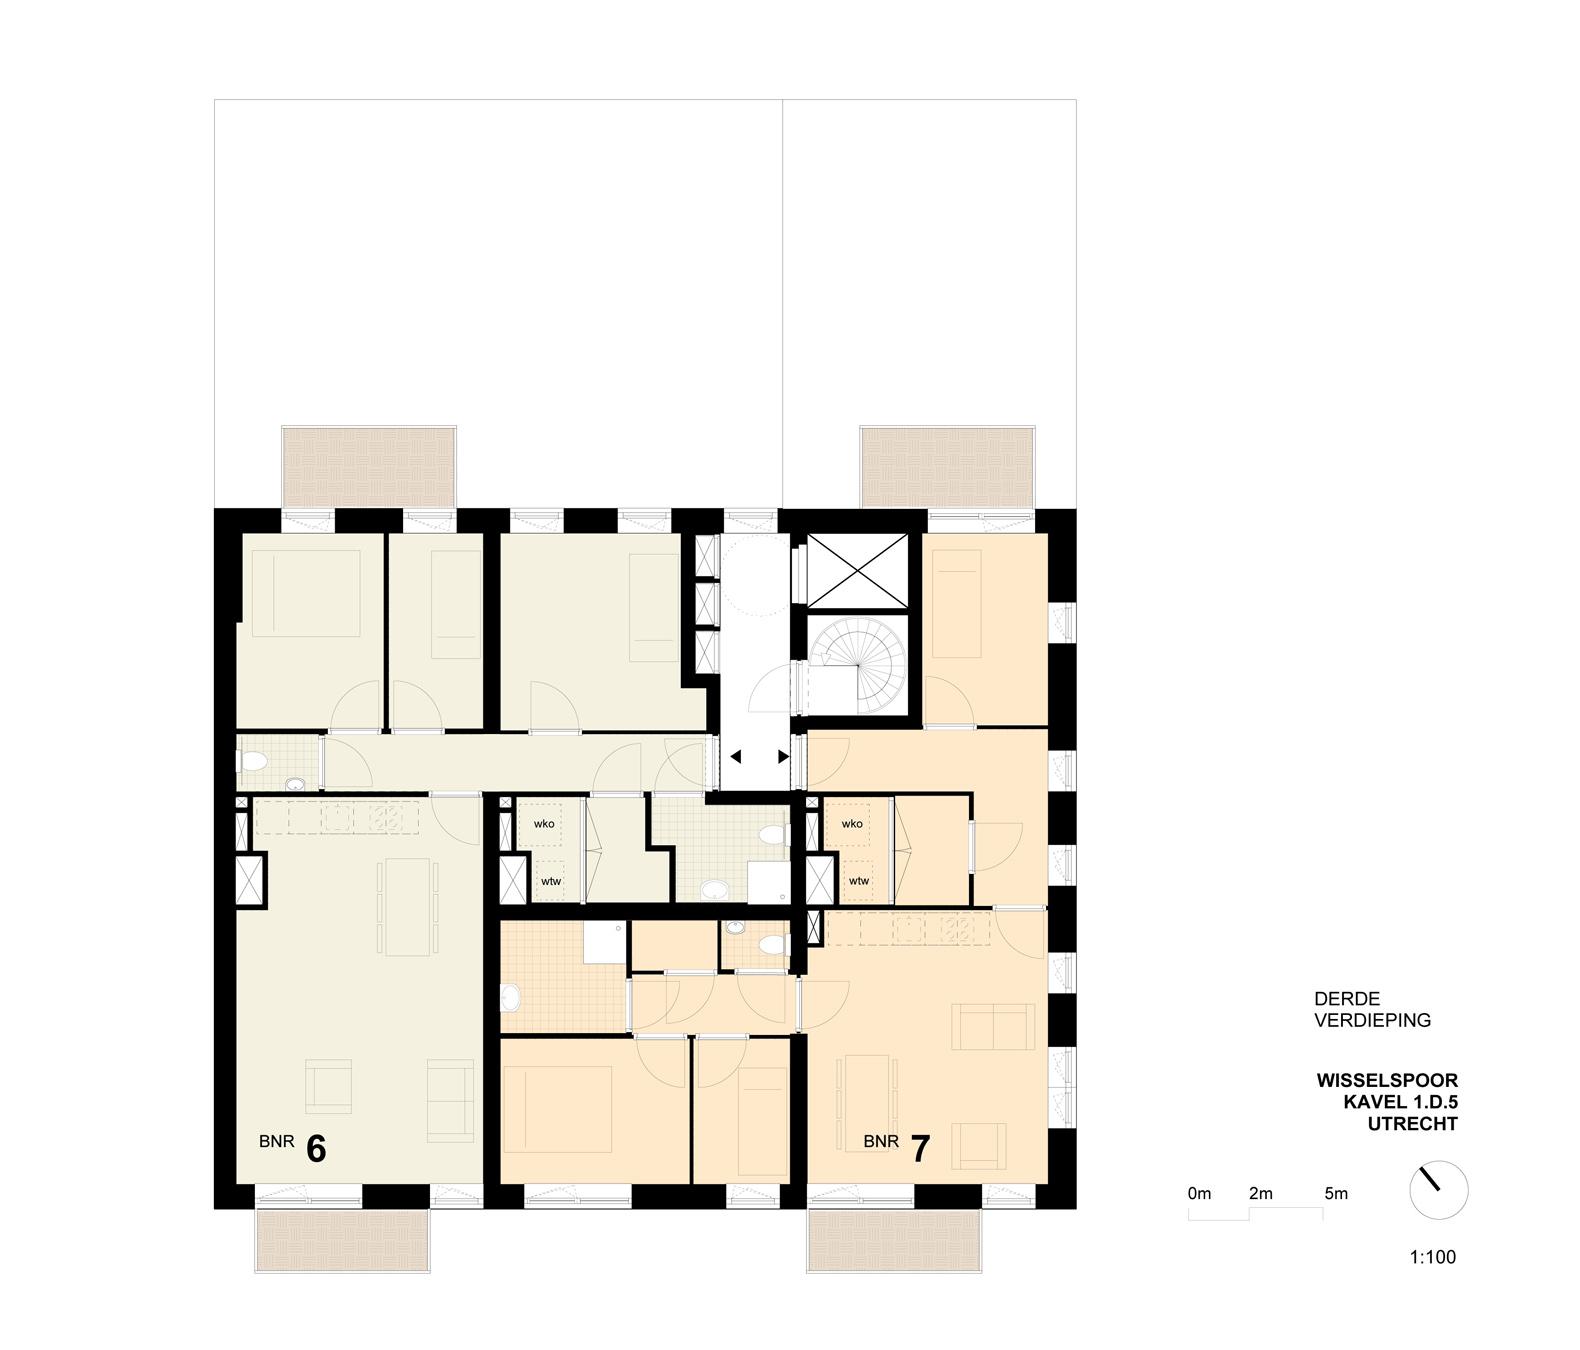 WIISSELSPOOR plattegrond verdieping